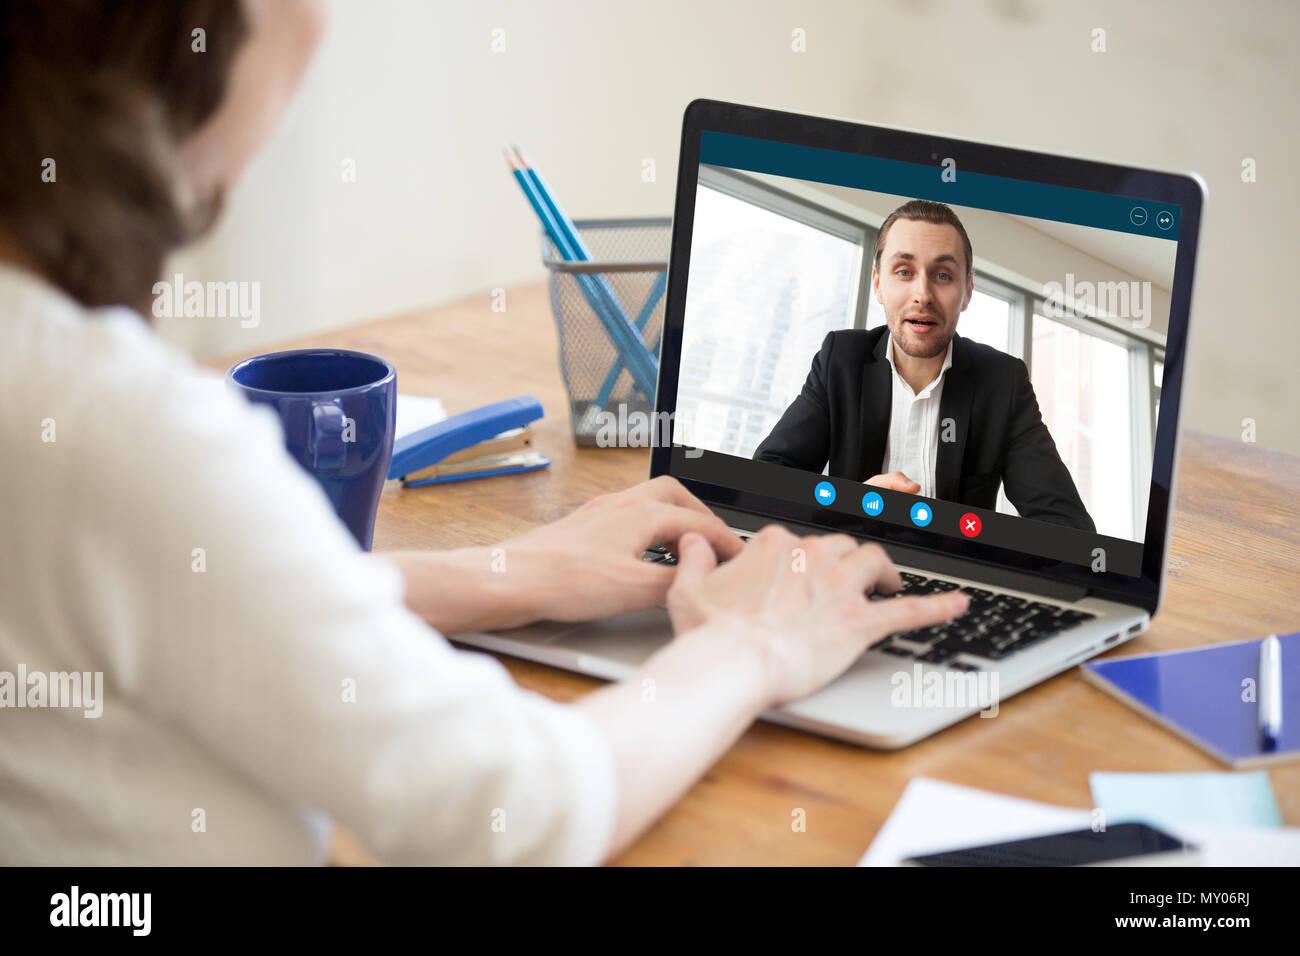 La empresaria hacer video llamada al socio de negocios con ordenador portátil. Vista trasera cerca de joven tener conversaciones con clientes corporativos. Jo remoto Imagen De Stock